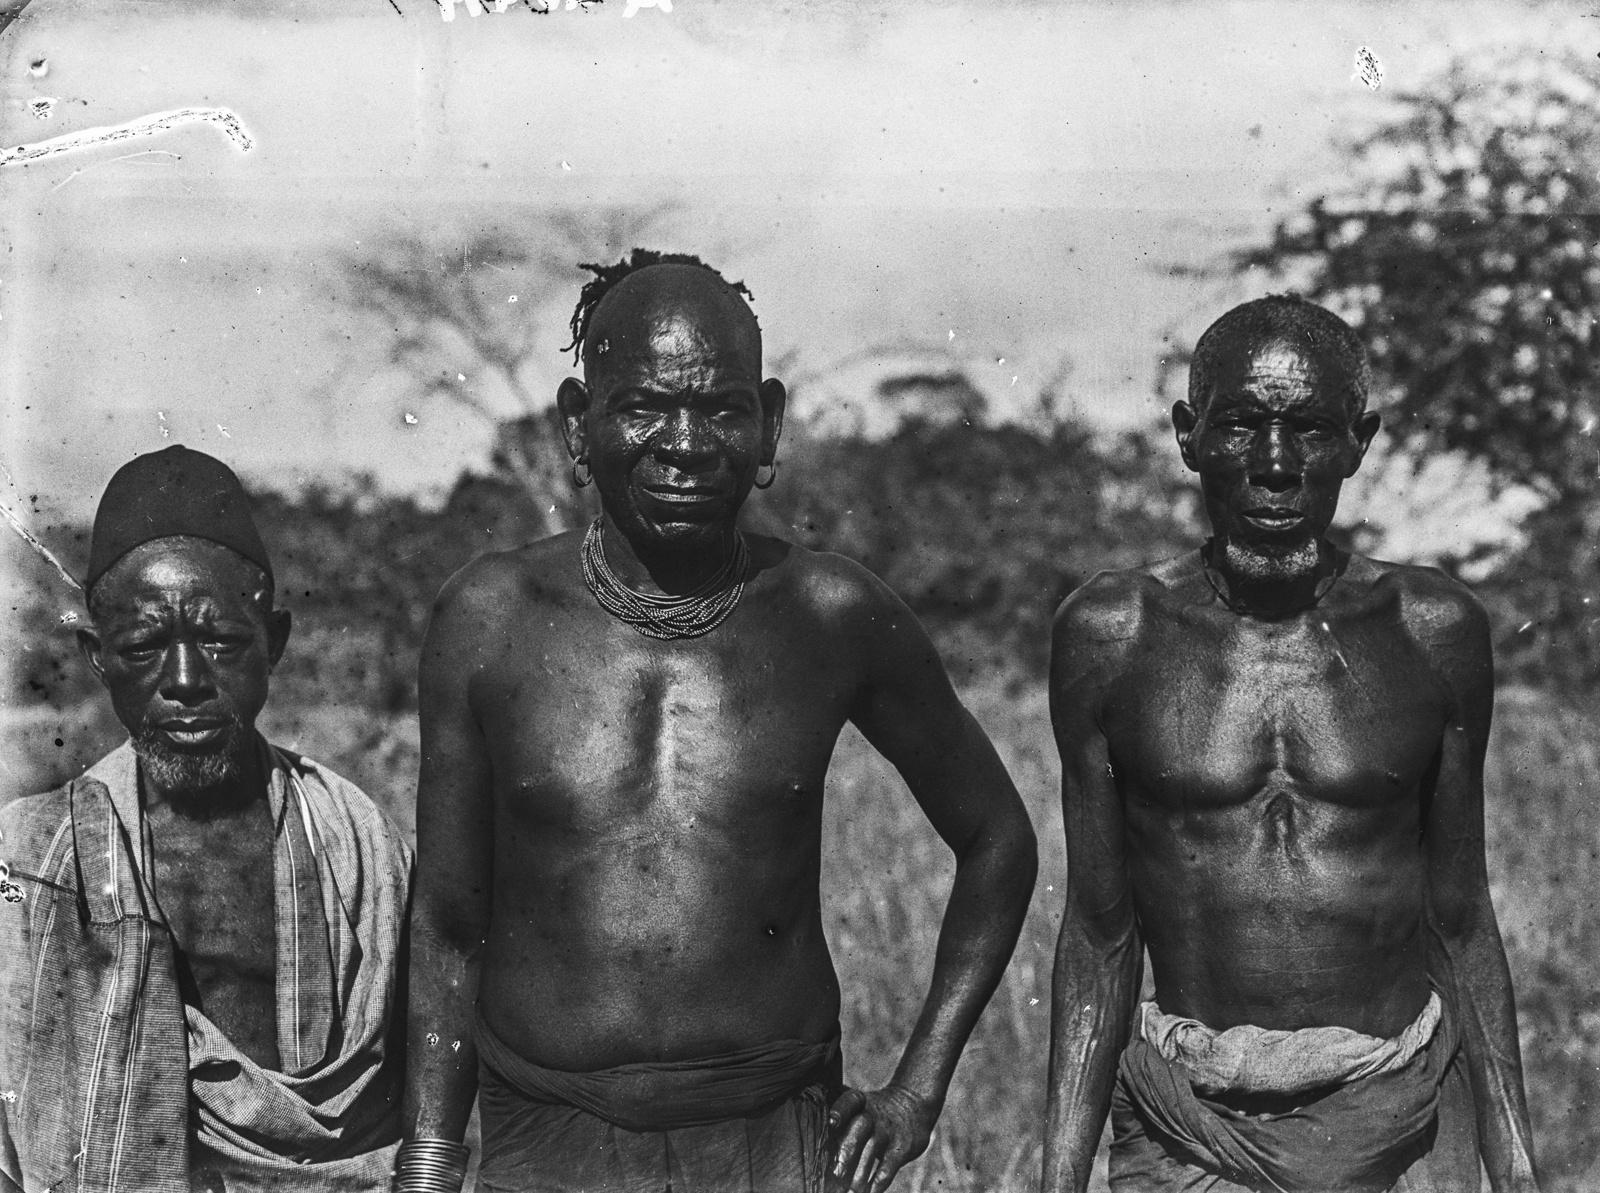 121. Мужчины народностей диго, таита, а так же человек неопределенной этнической принадлежности